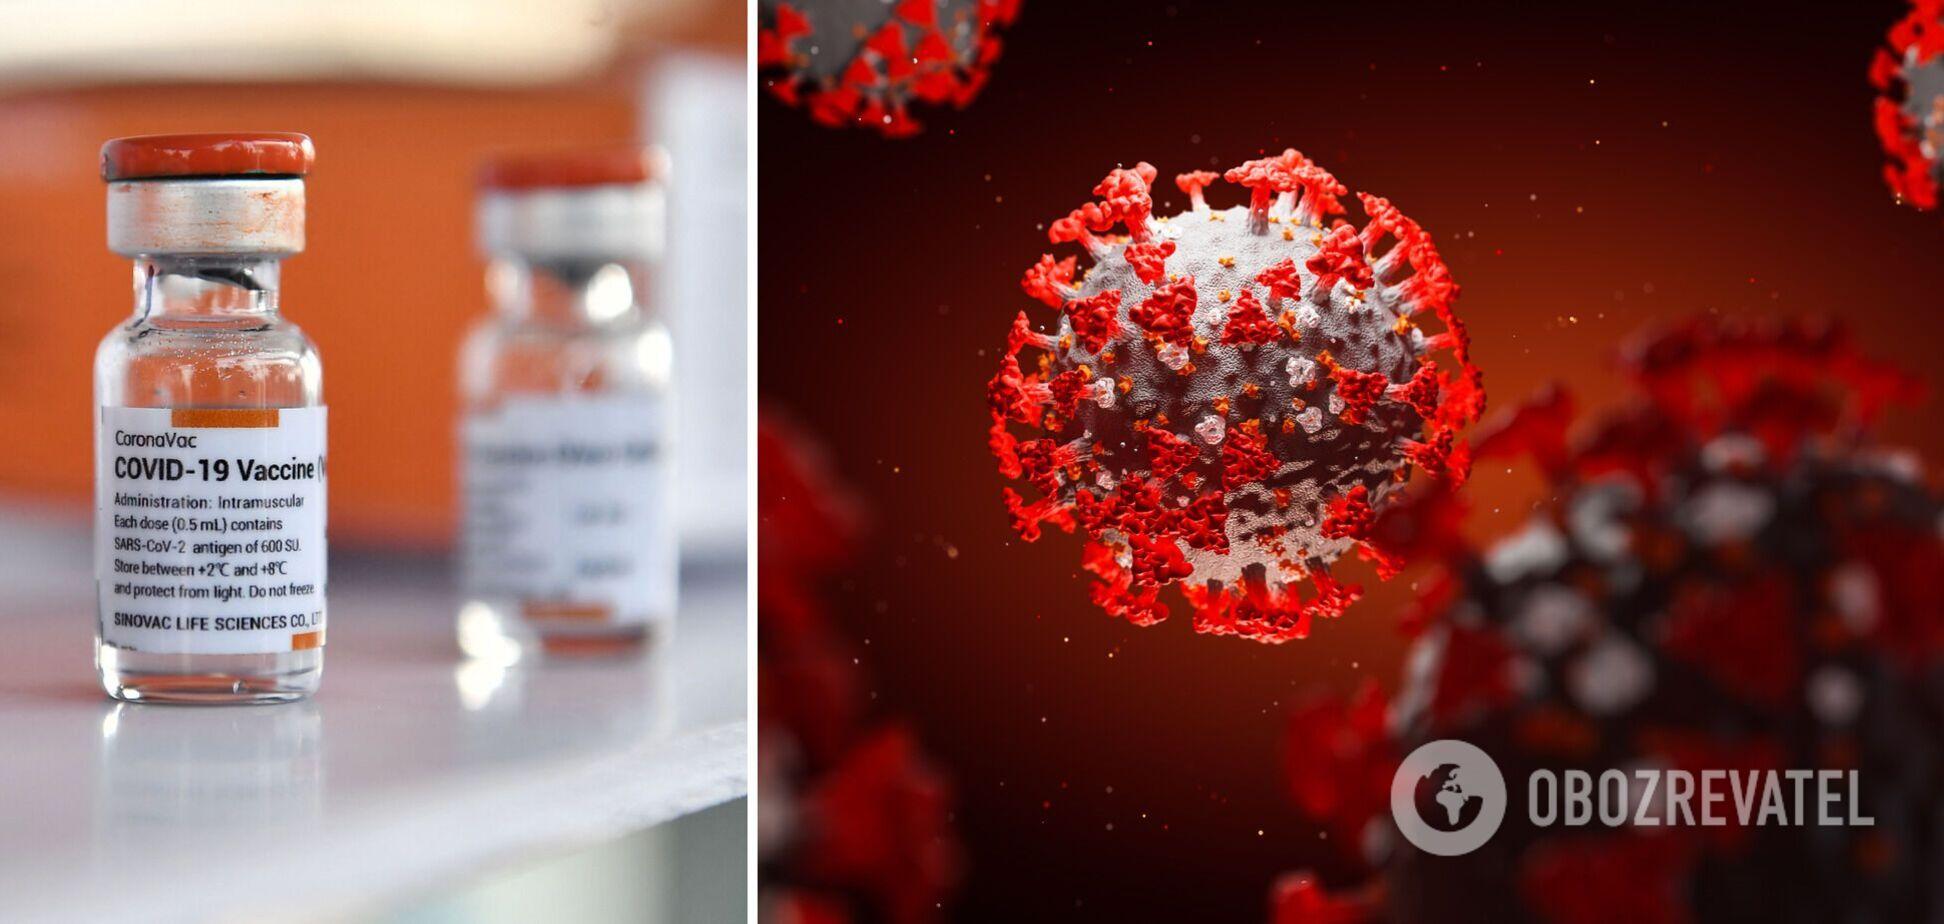 Те, кто переболел и привился, имеют более сильный иммунитет